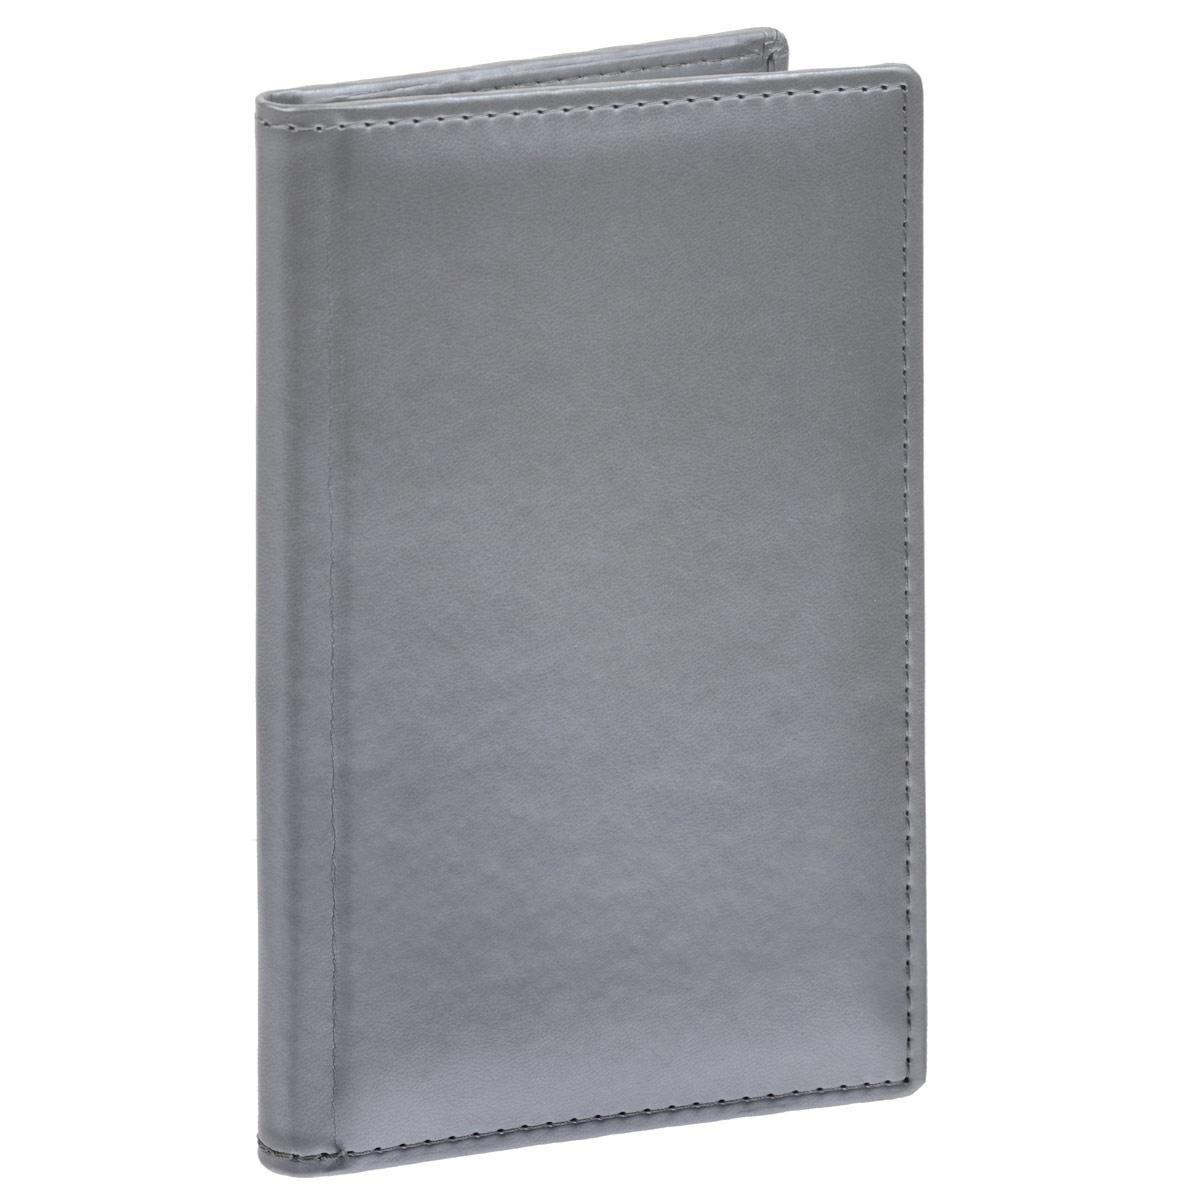 Визитница Berlingo Caprice Thermo, на 96 визиток, цвет: серебристый. 48Вз5_03526FS-00103Вместительная визитница Berlingo Caprice Thermo изготовлена из искусственной кожи. Лицевая сторона оформлена тиснением в виде бренда. Внутри содержится съемный блок с кармашками из прозрачного мягкого пластика, рассчитанный на 96 визиток, а также боковой вместительный карман. Изделие упаковано в подарочную картонную упаковку.Стильная визитница подчеркнет вашу индивидуальность и изысканный вкус, а также станет замечательным подарком человеку, ценящему качественные и практичные вещи.